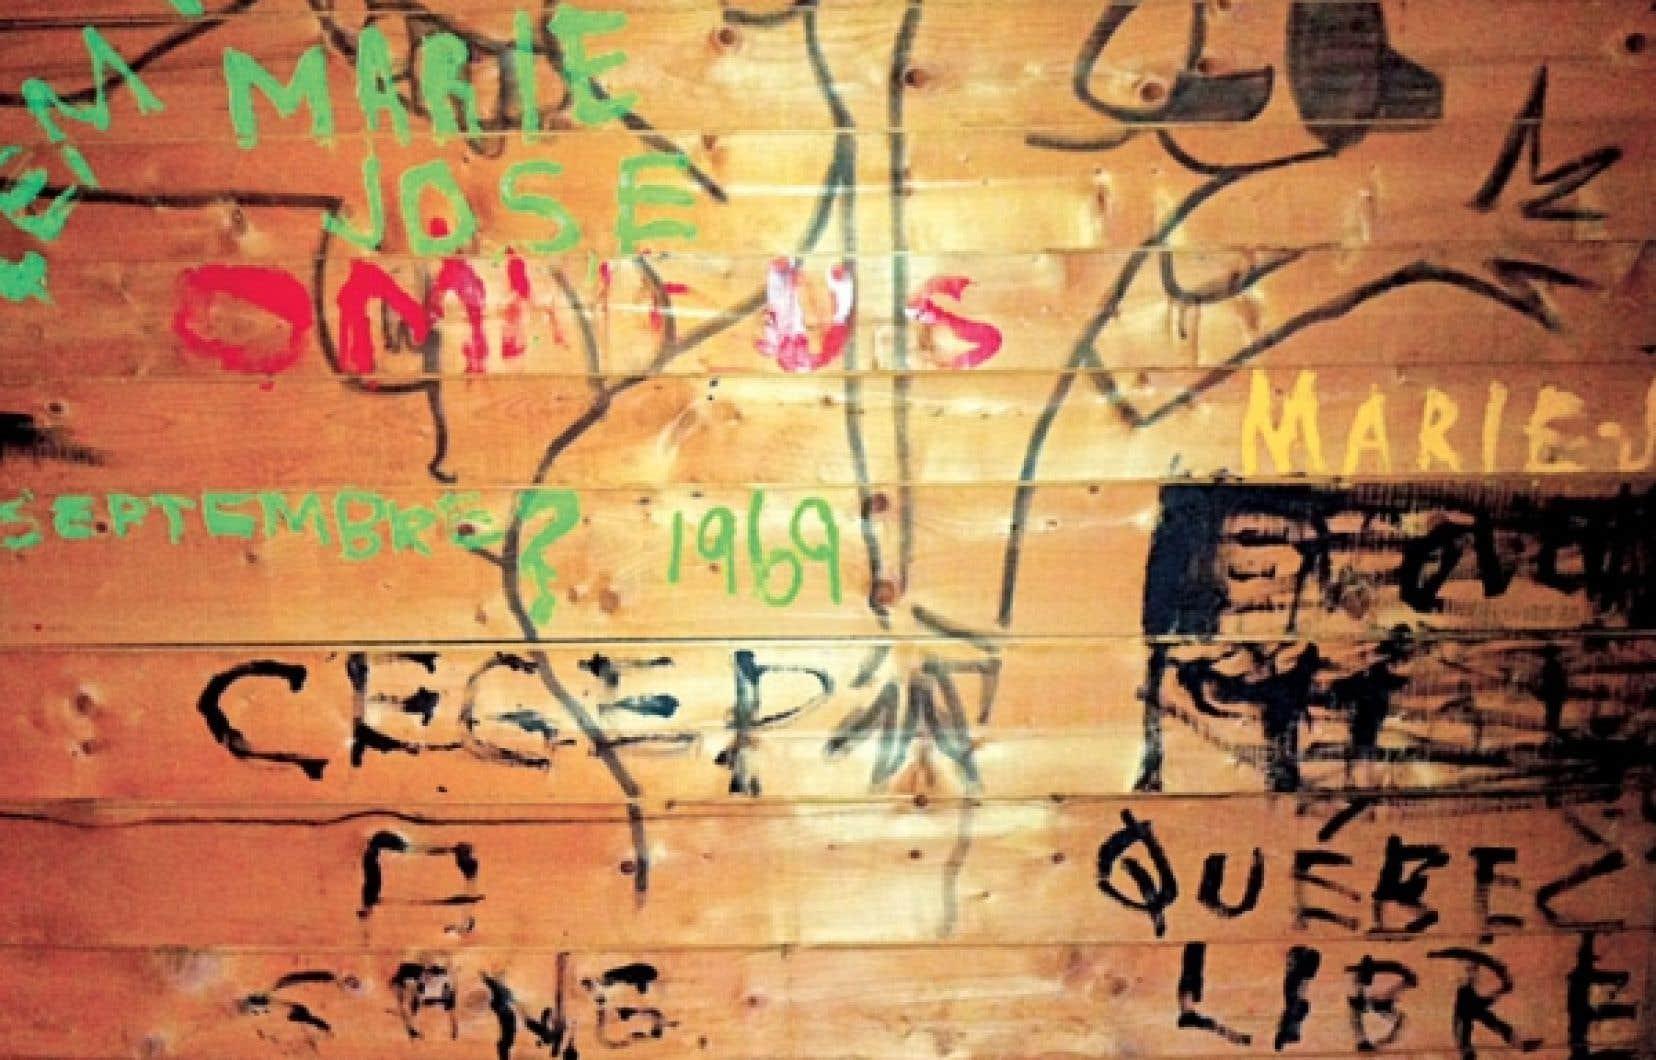 Des graffitis datant de l'été 1969 figurent encore sur les murs de la Maison du pêcheur à Percé.